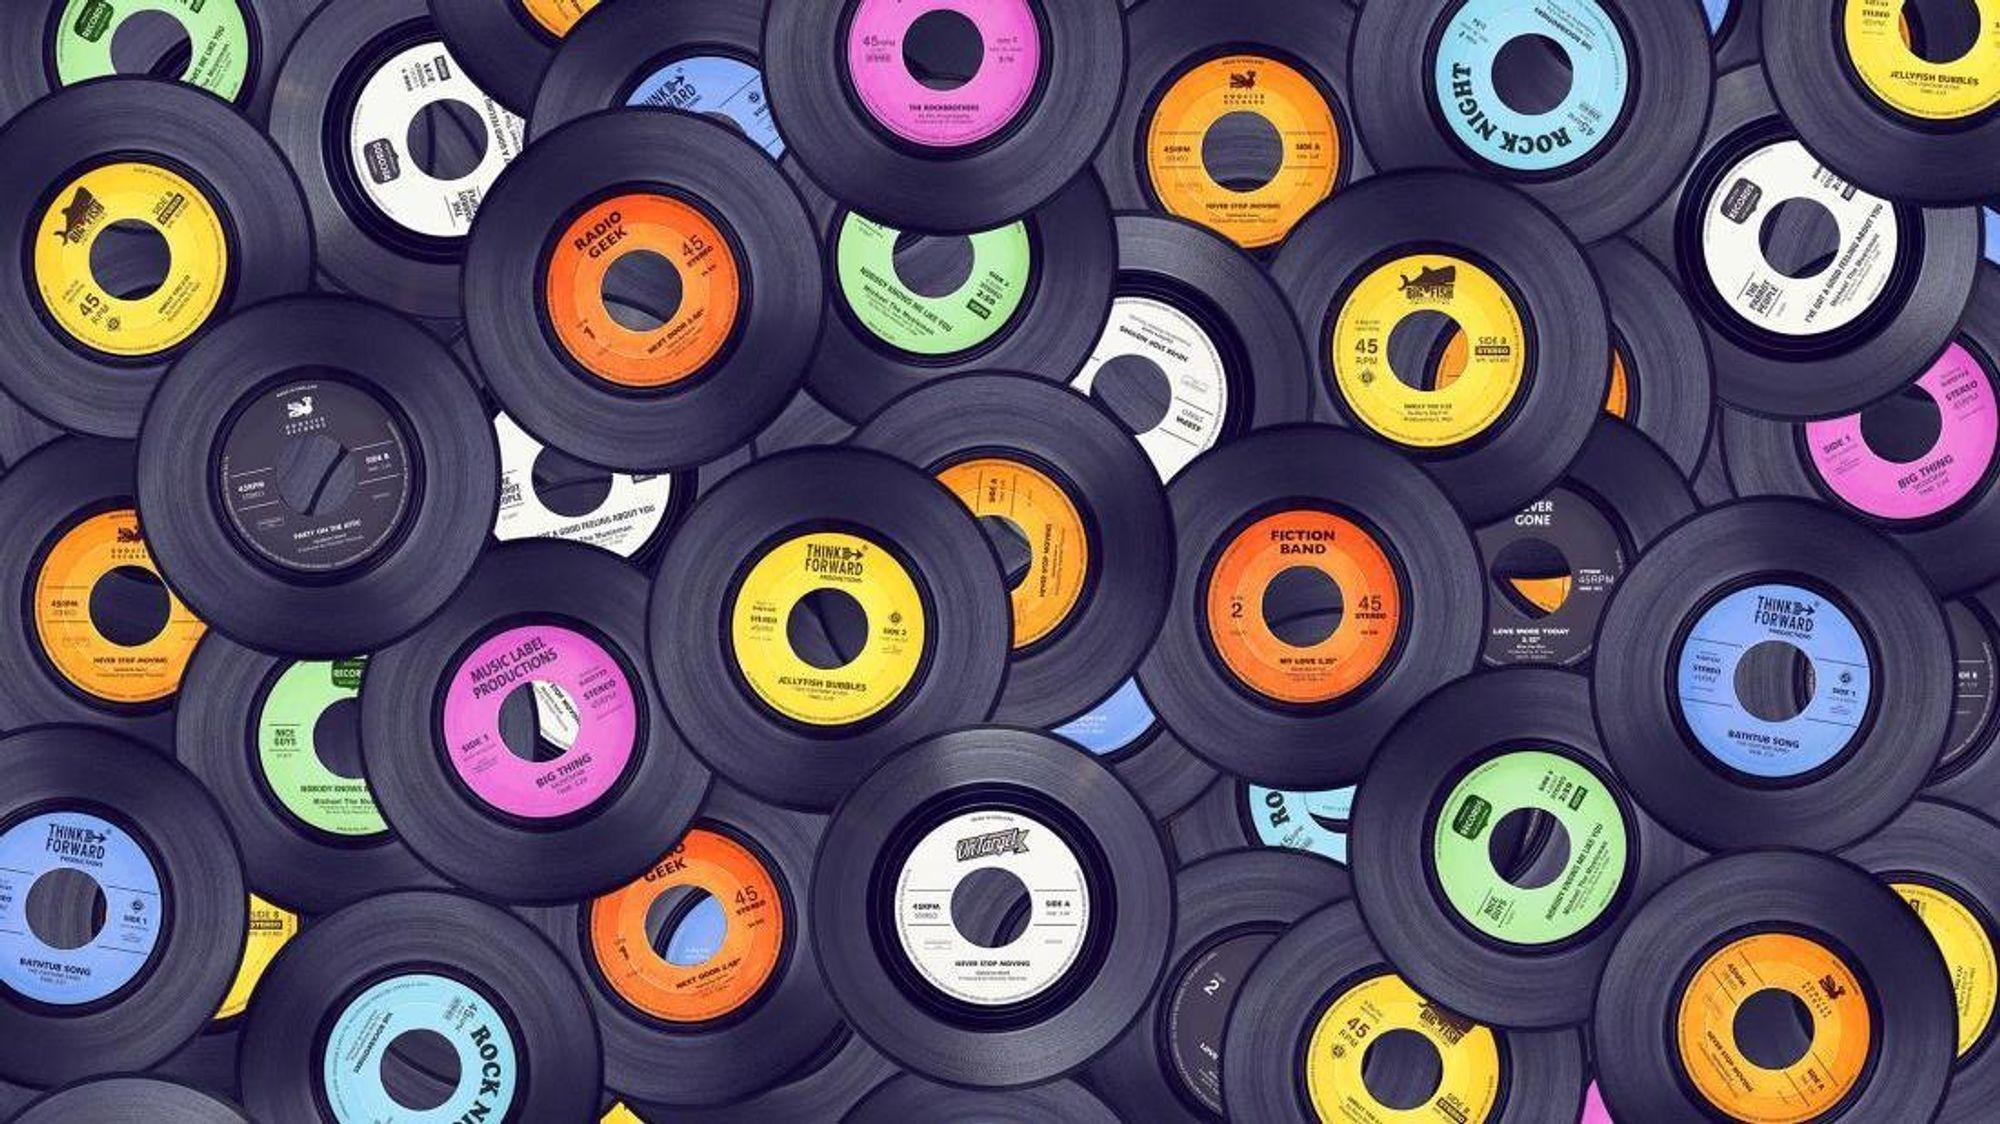 Fra mega Hva er det med vinylen som fortsatt fenger? - Tu.no AM-38